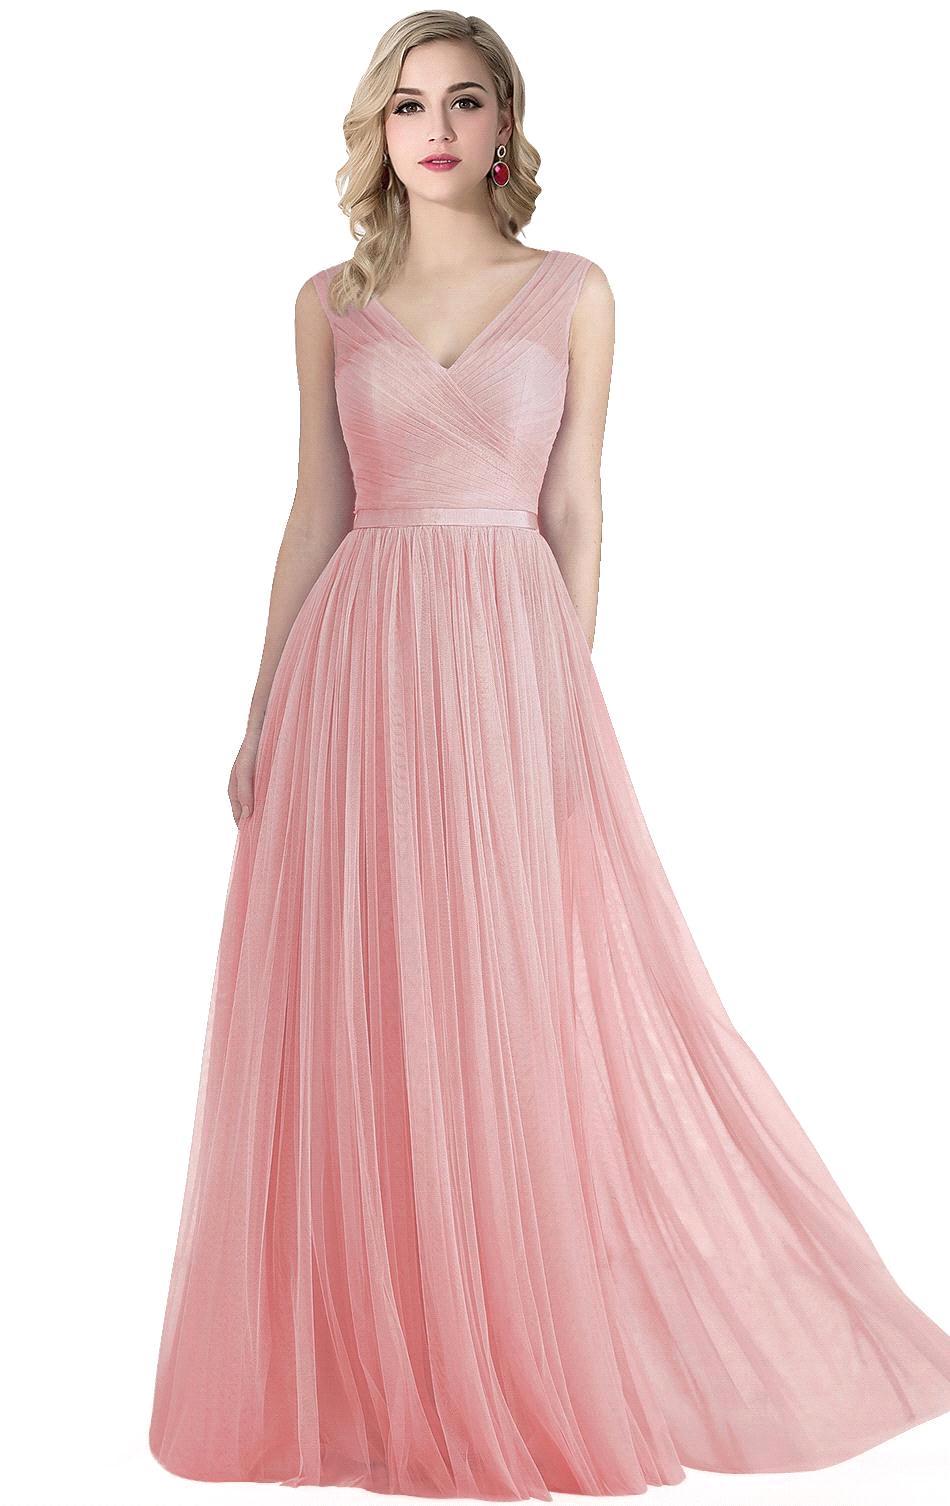 Único Vestidos De Dama De Mandarina Cresta - Colección de Vestidos ...